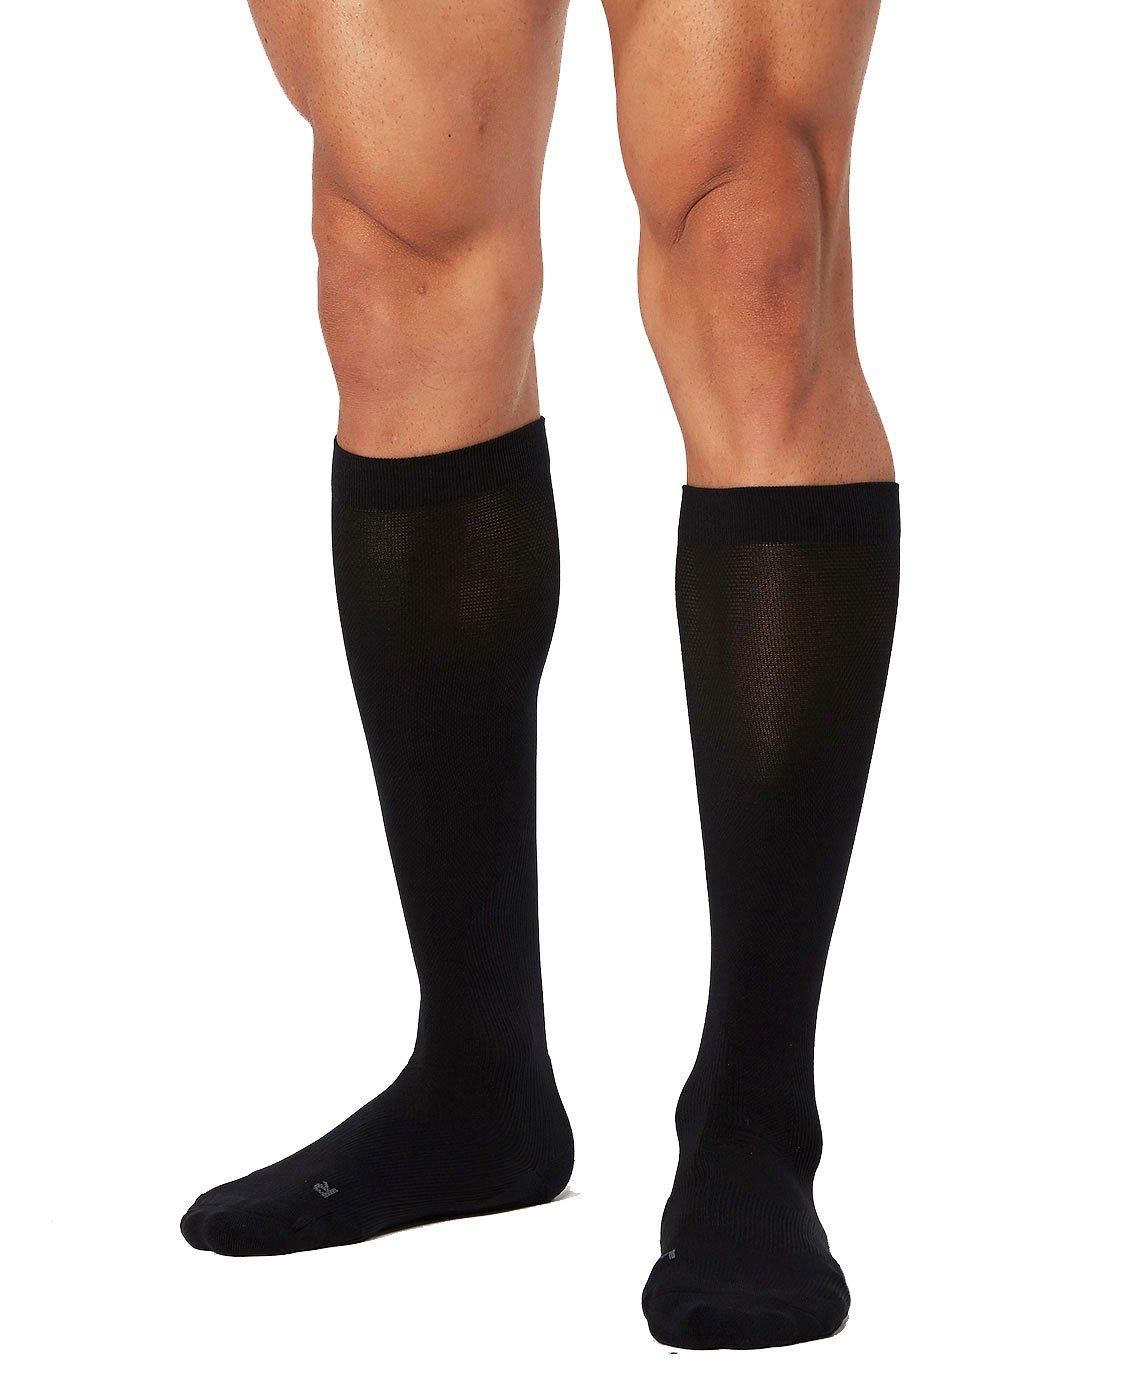 2XU Men's Performance Compression Run Sock, Black/Black, X-Small